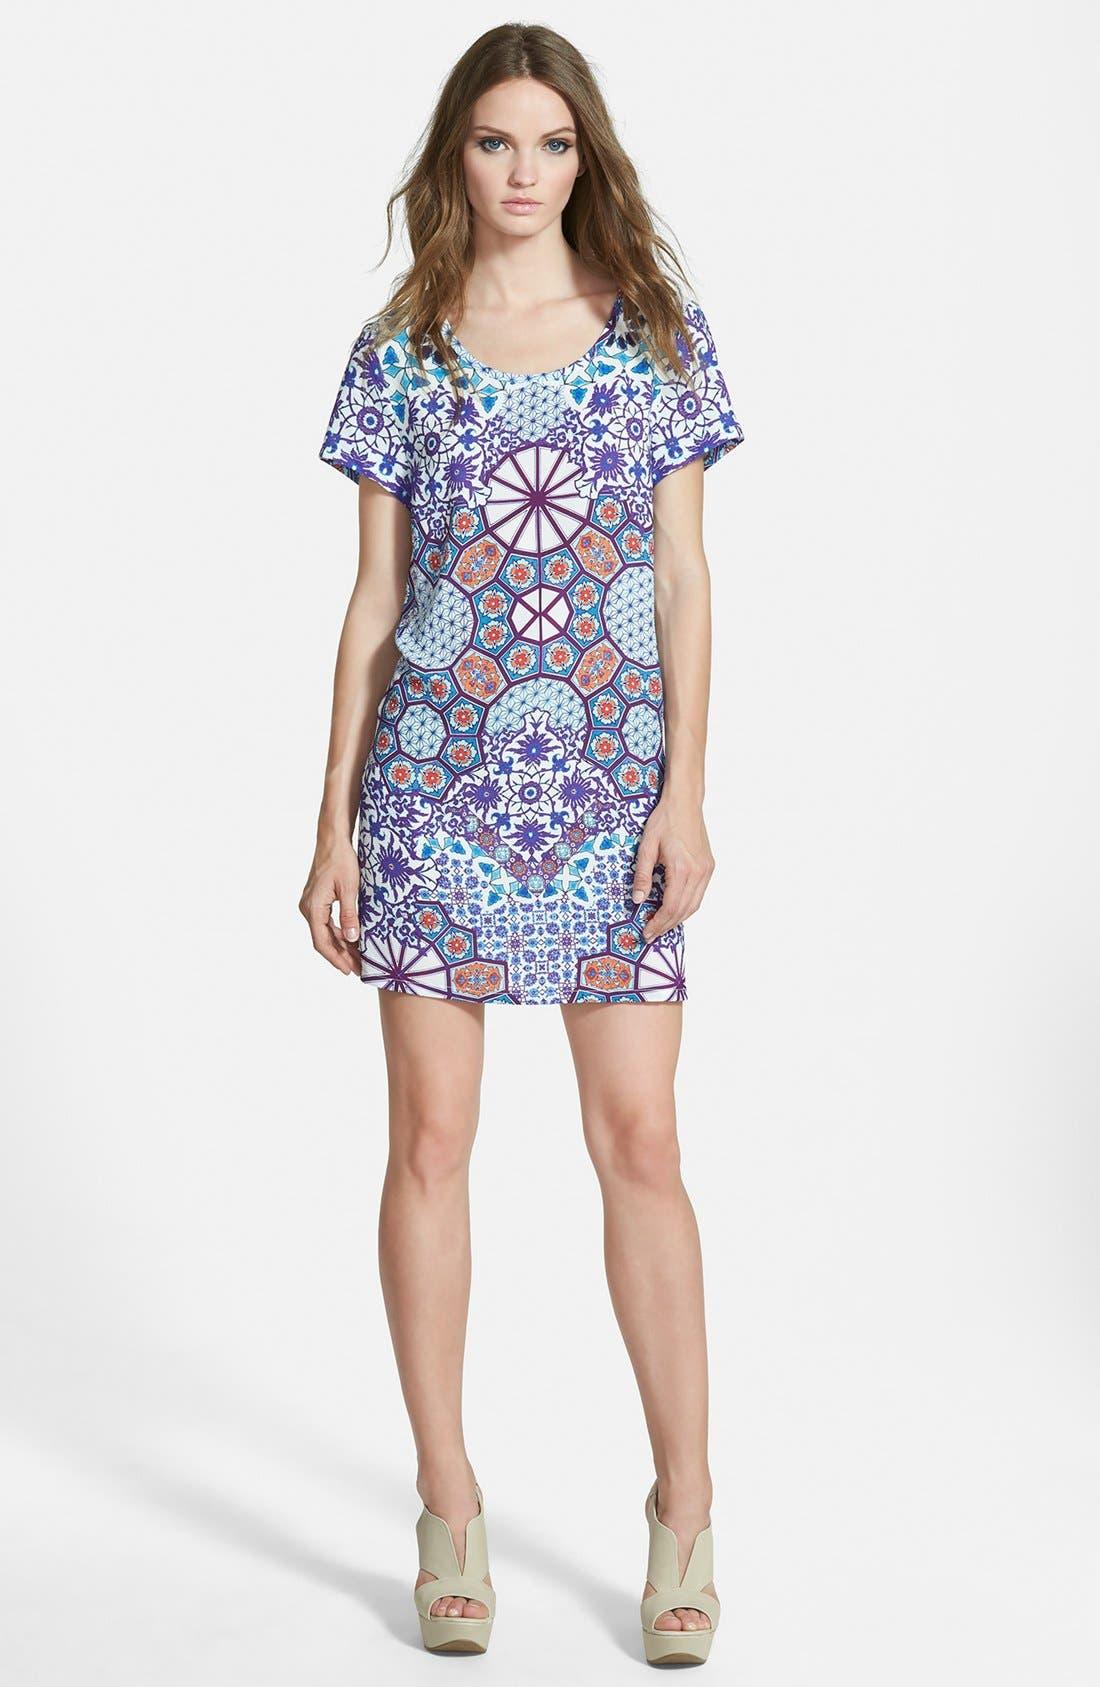 Alternate Image 1 Selected - MINKPINK 'Whisper of the Heart' T-Shirt Dress